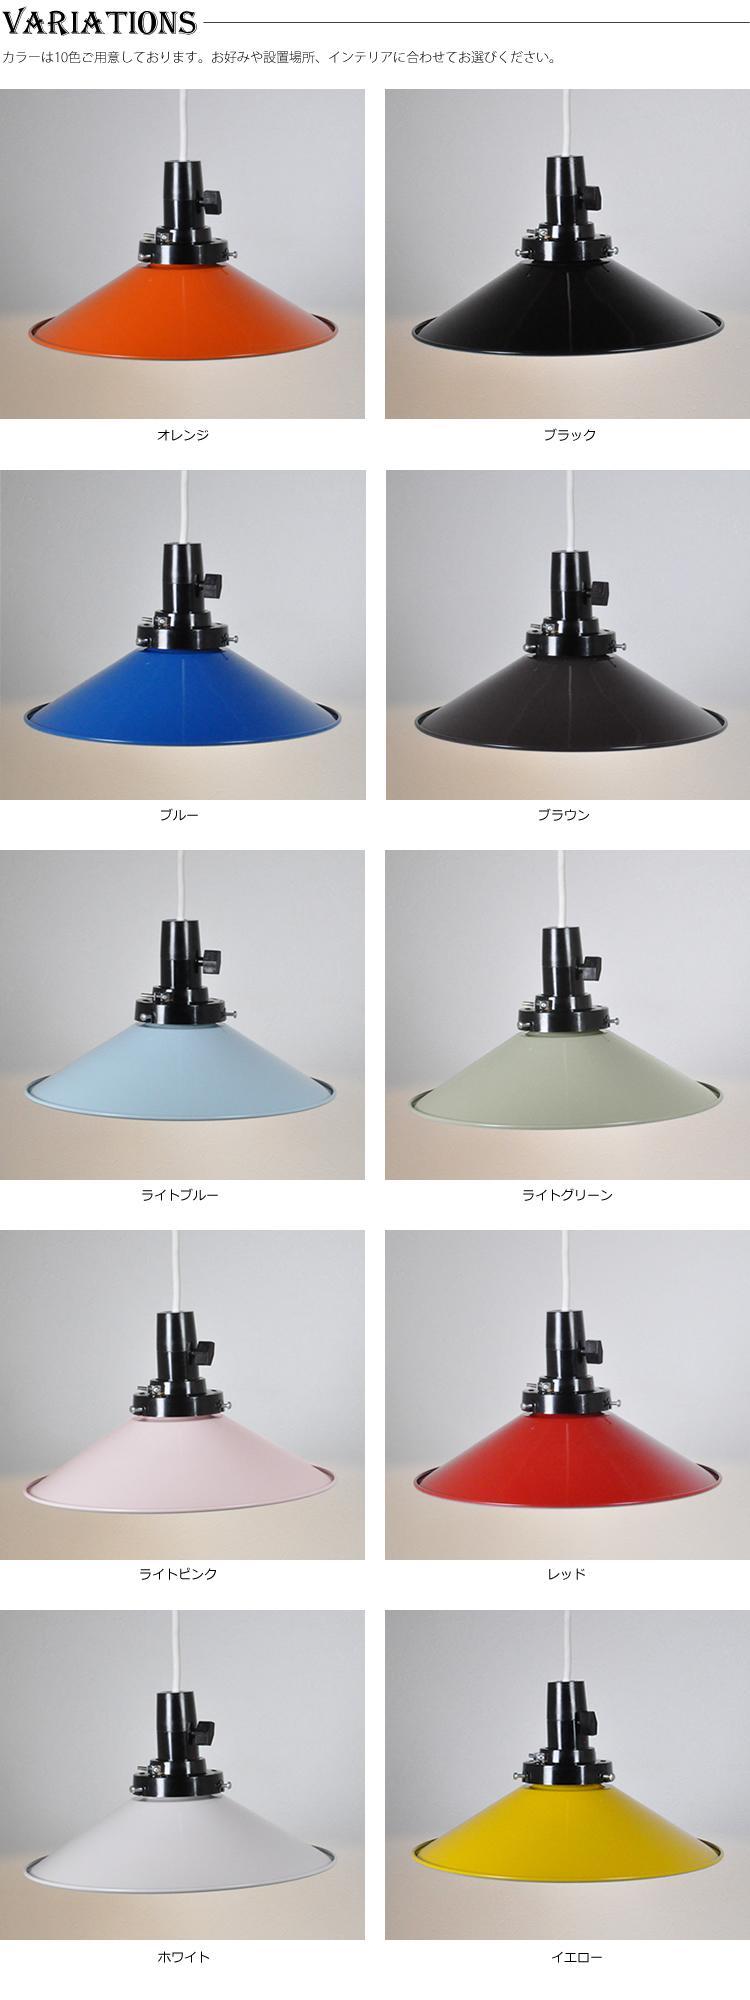 サークルライト SC-510 日本製 白熱灯 10色スイッチ付ペンダントライト 1灯 簡易取付対応 LED対応 フランジ コード調整器付 画像5